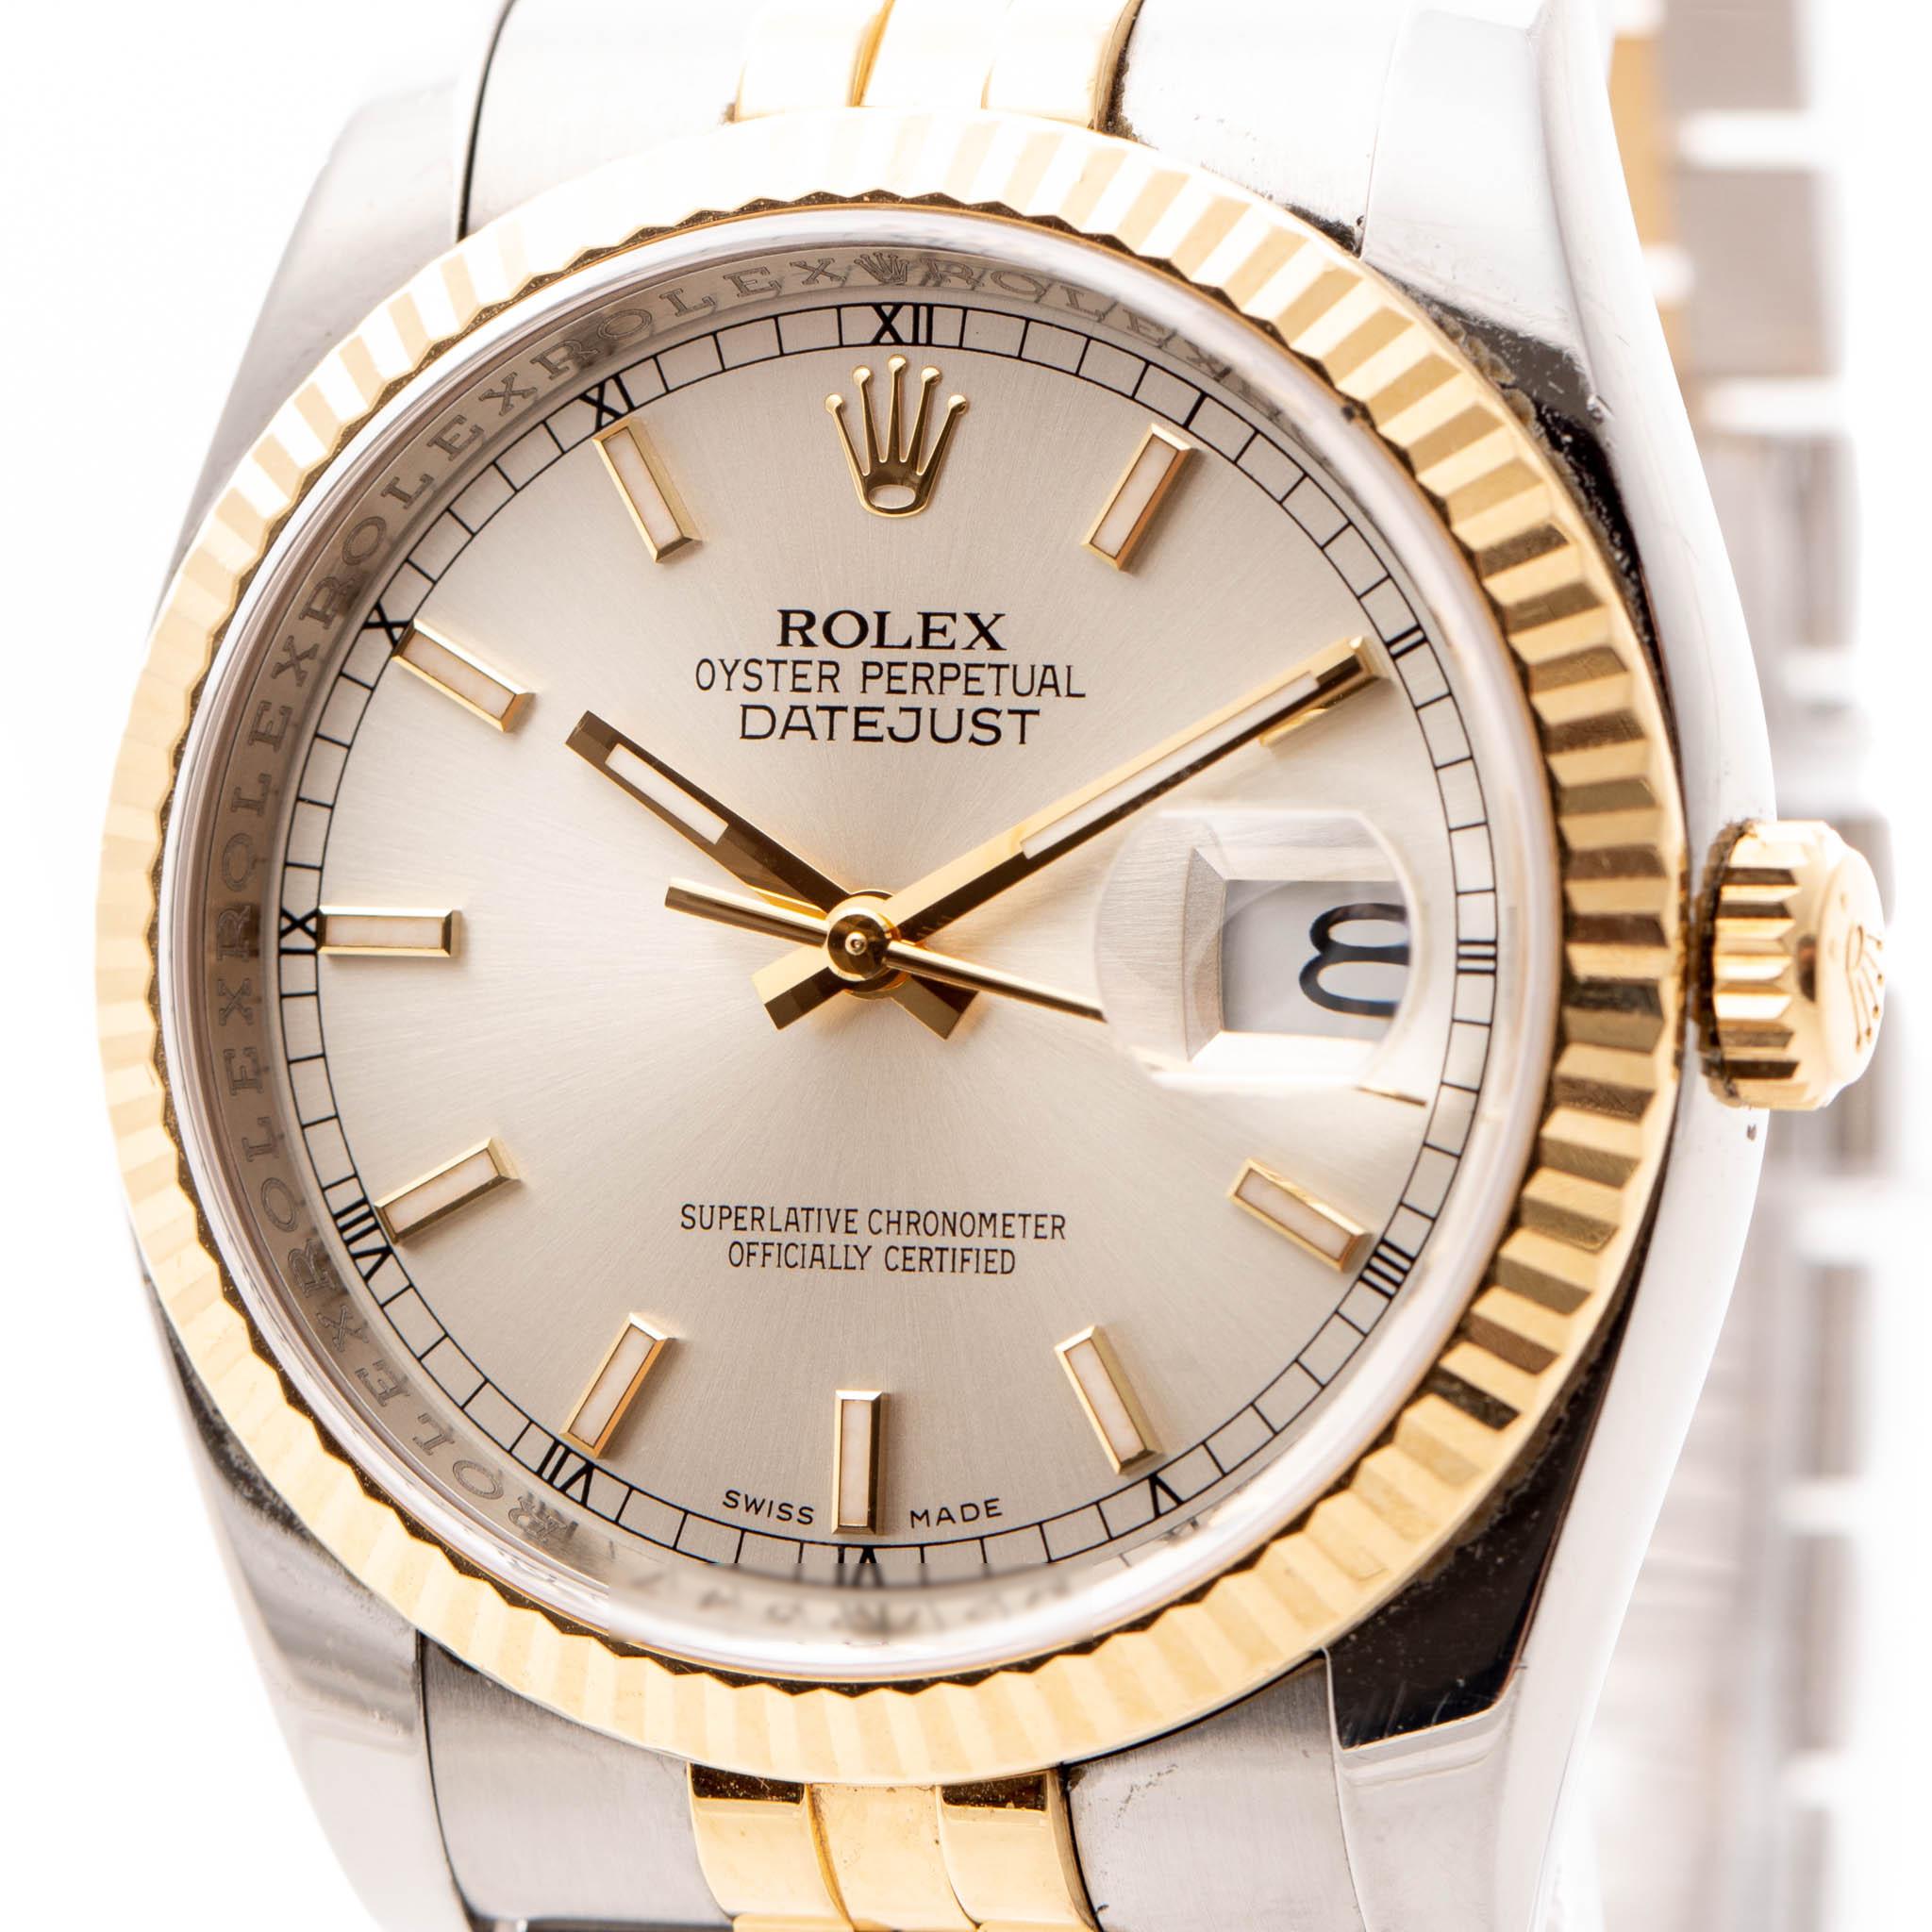 ROLEX DATEJUST DATE SILVER DIAL GOLD&STEEL JUBILEE 36MM REF: 116233